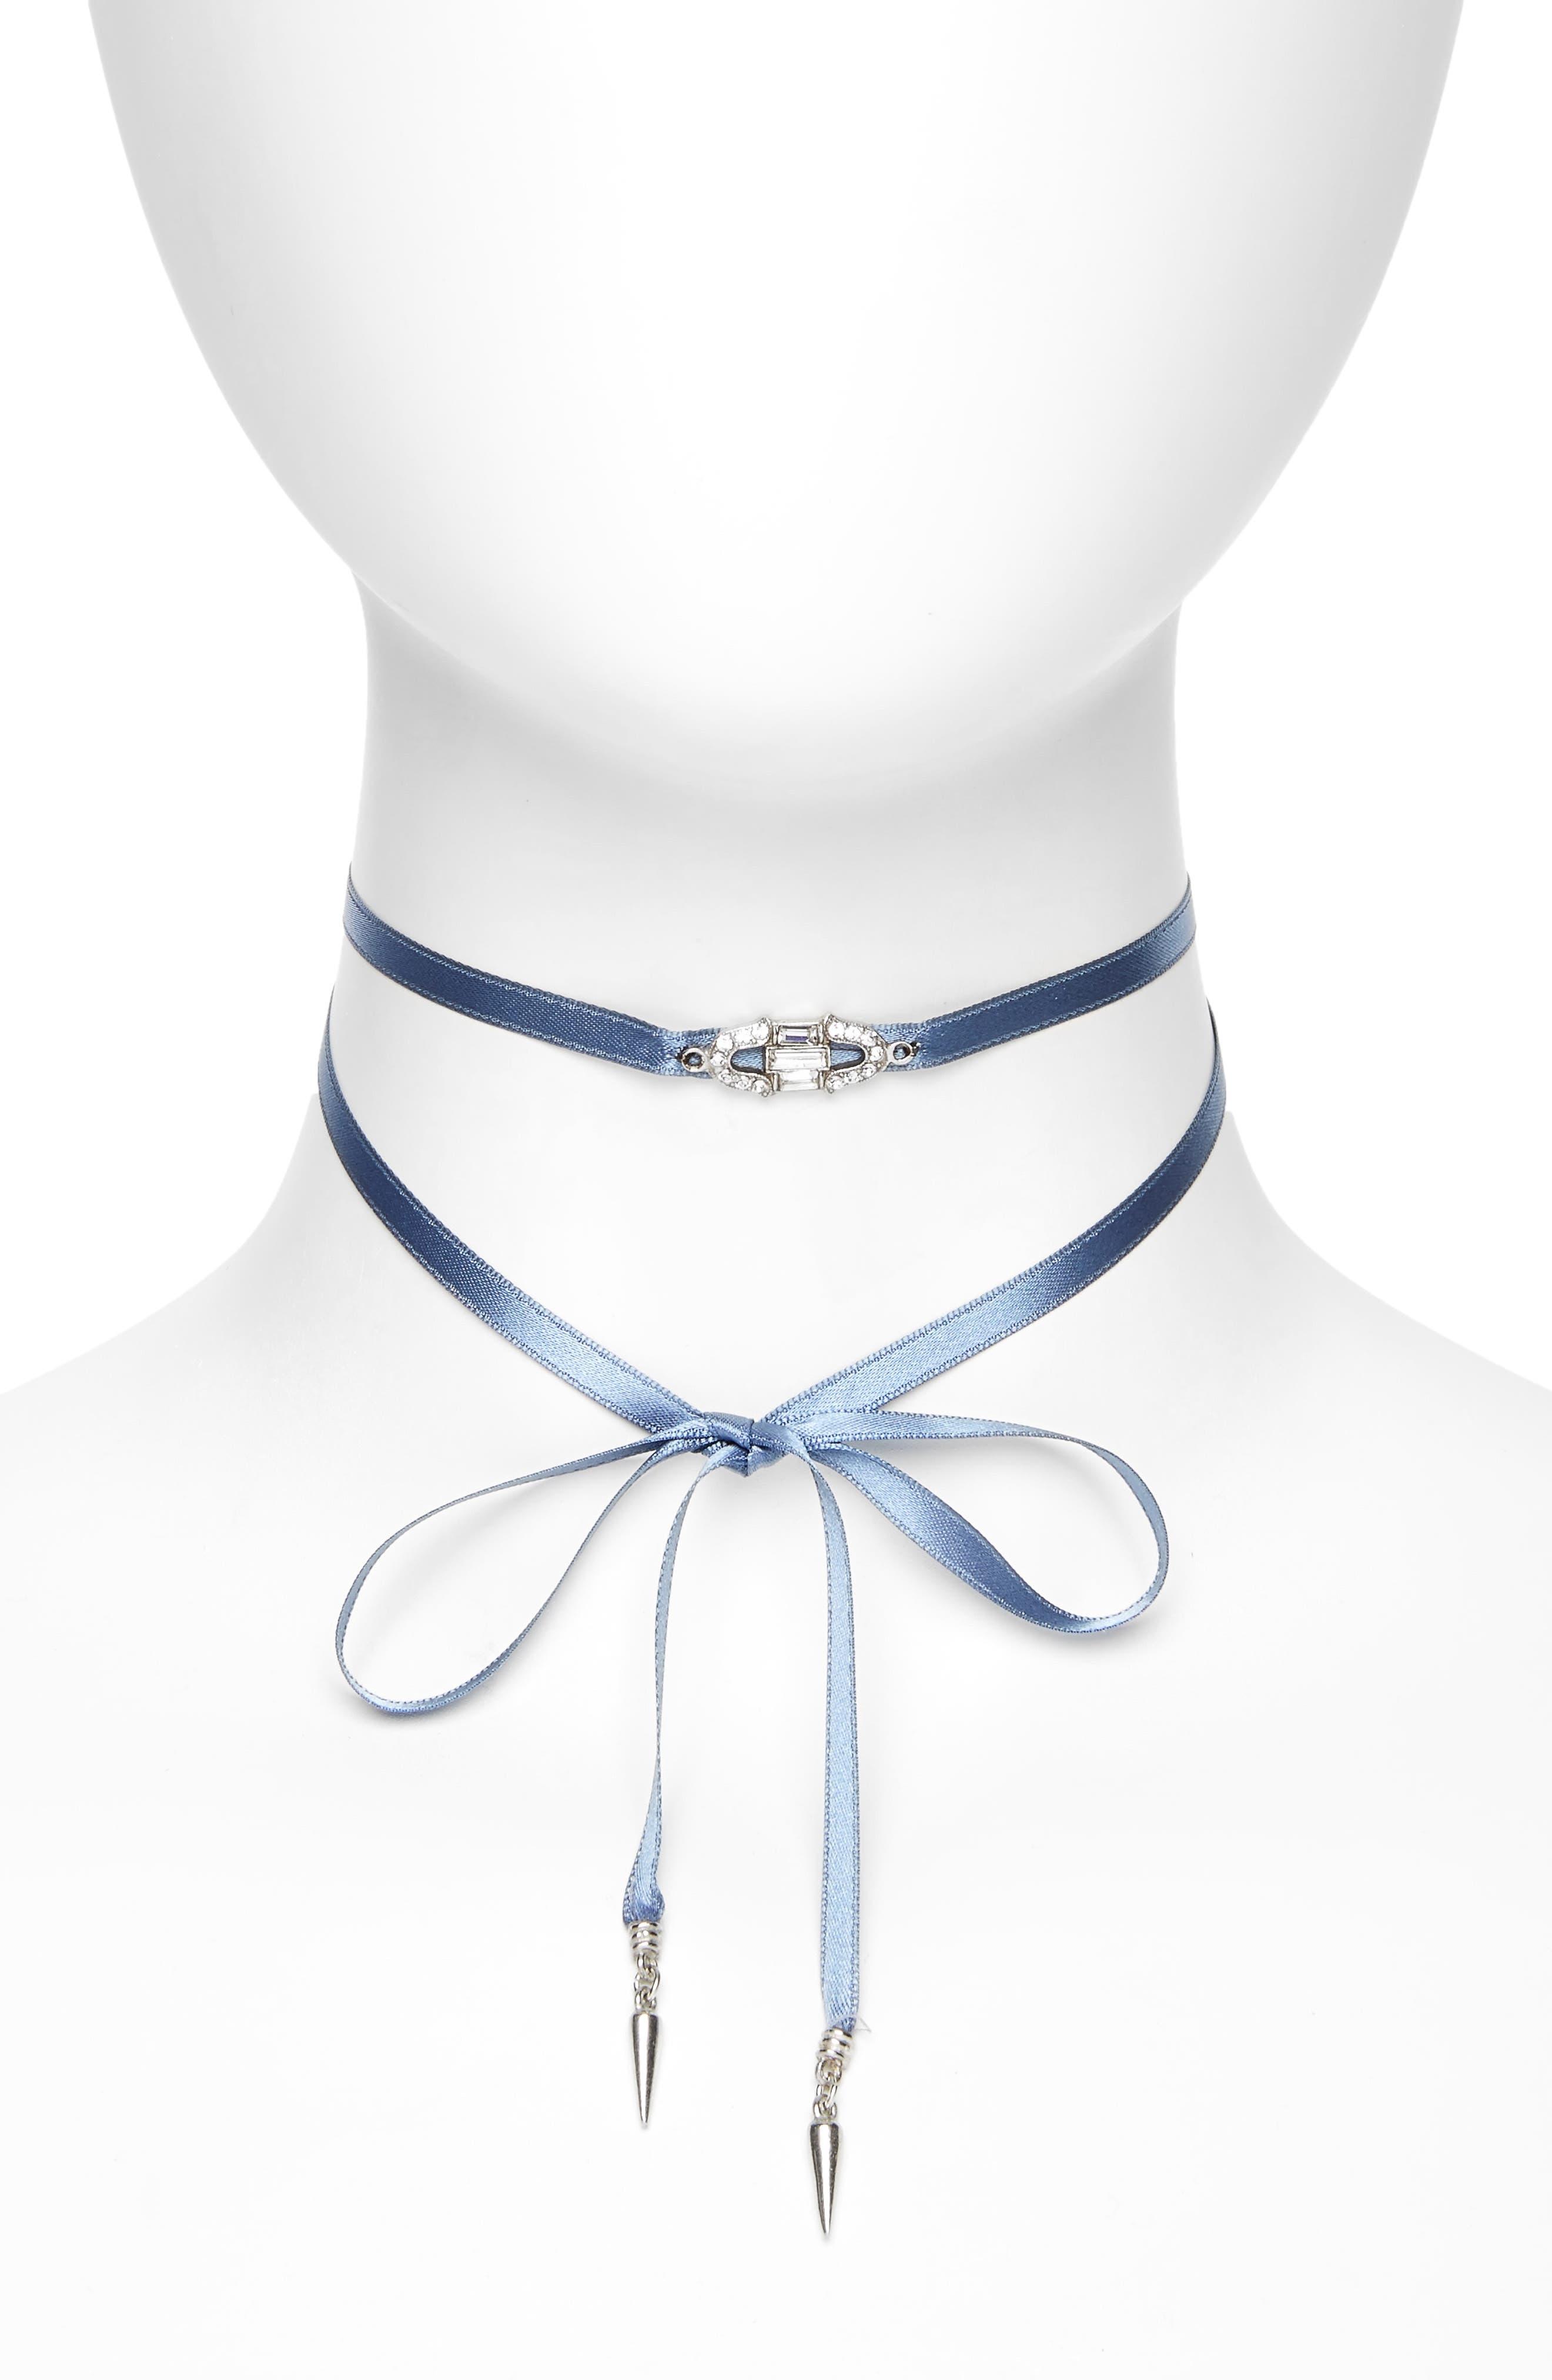 Deco Wrap Choker Necklace,                         Main,                         color, Light Blue / Silver